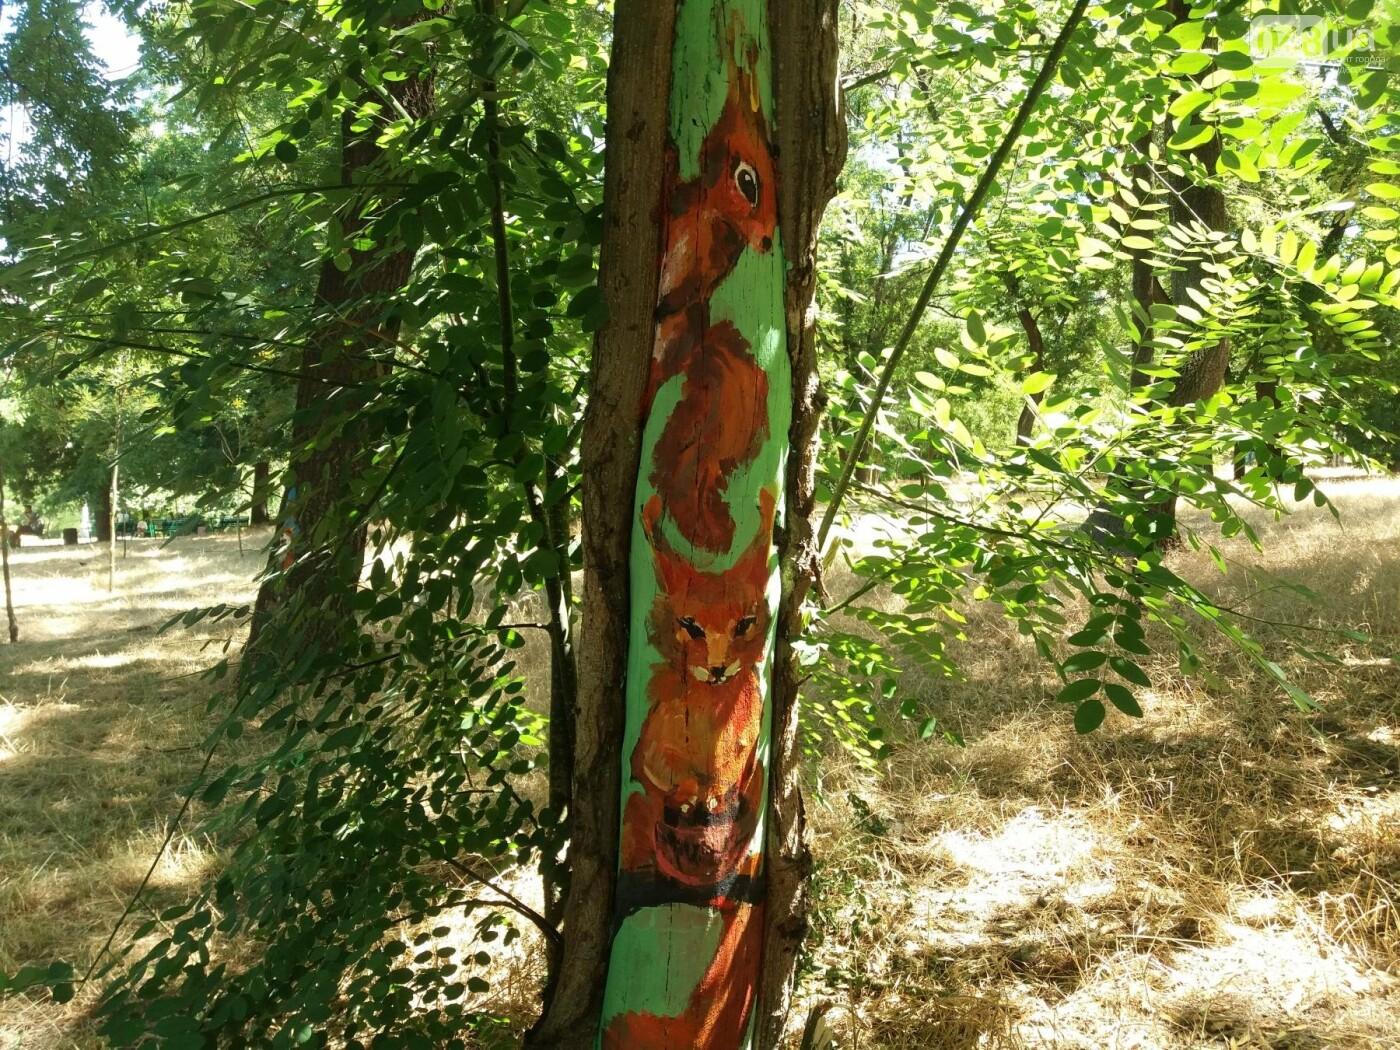 В Одесском парке появились необычные рисунки на деревьях, - ФОТО, фото-5